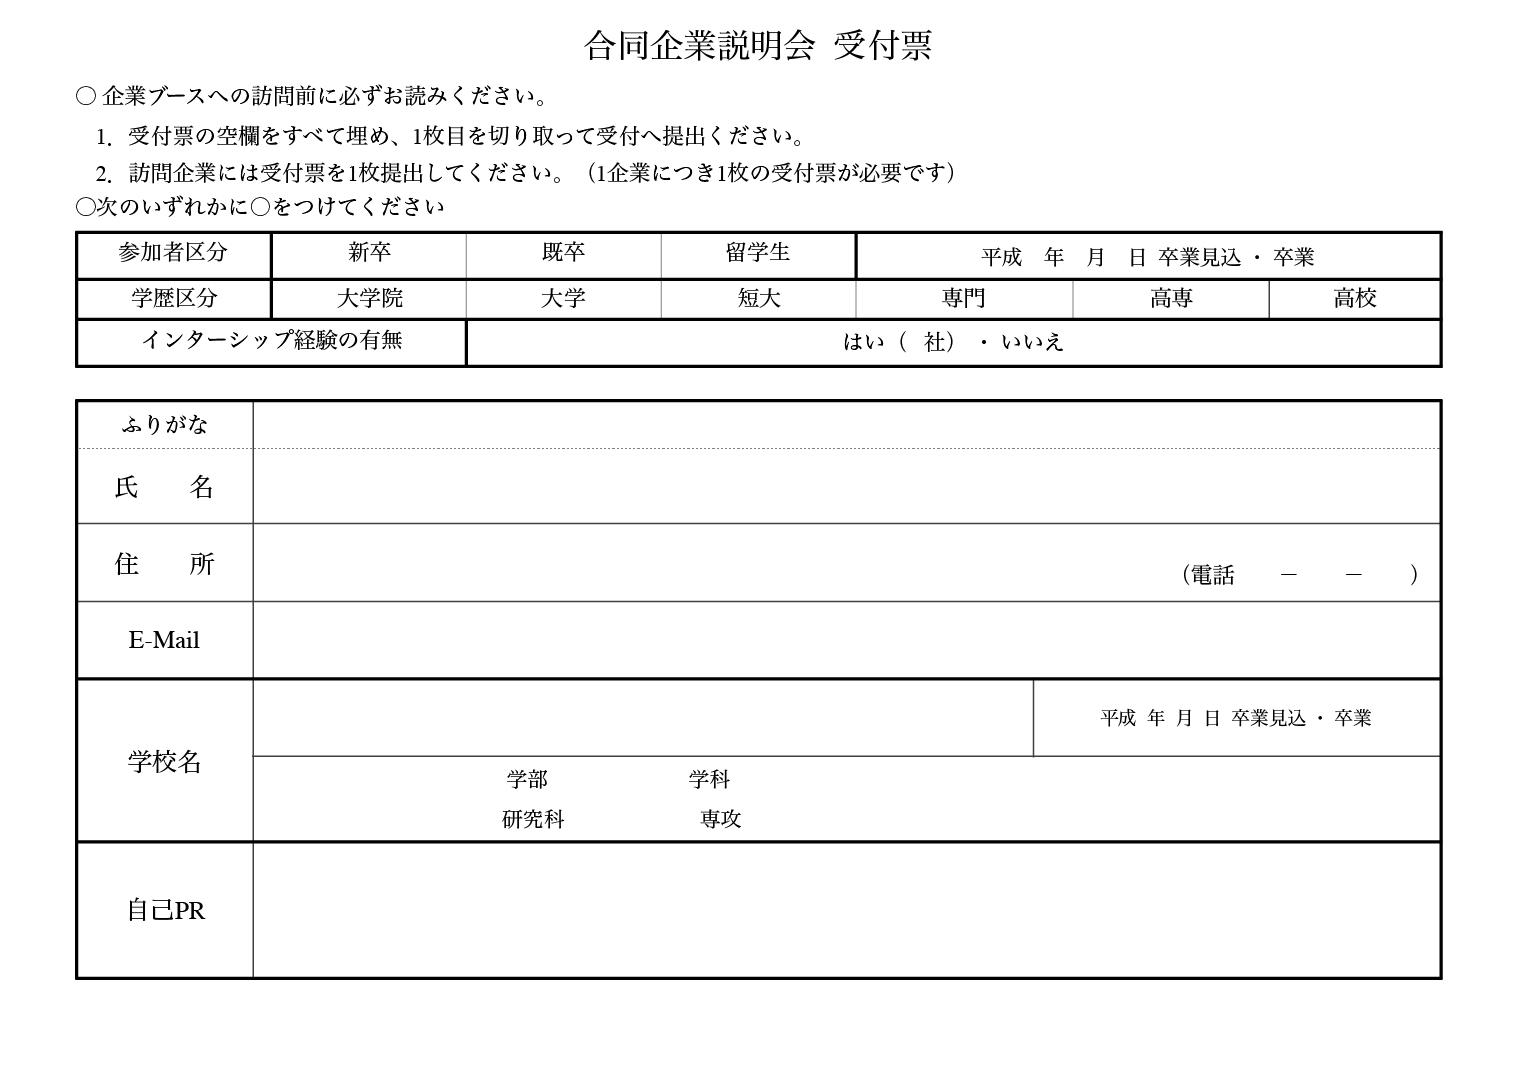 説明会受付表 テンプレート(ワード・ページズ)